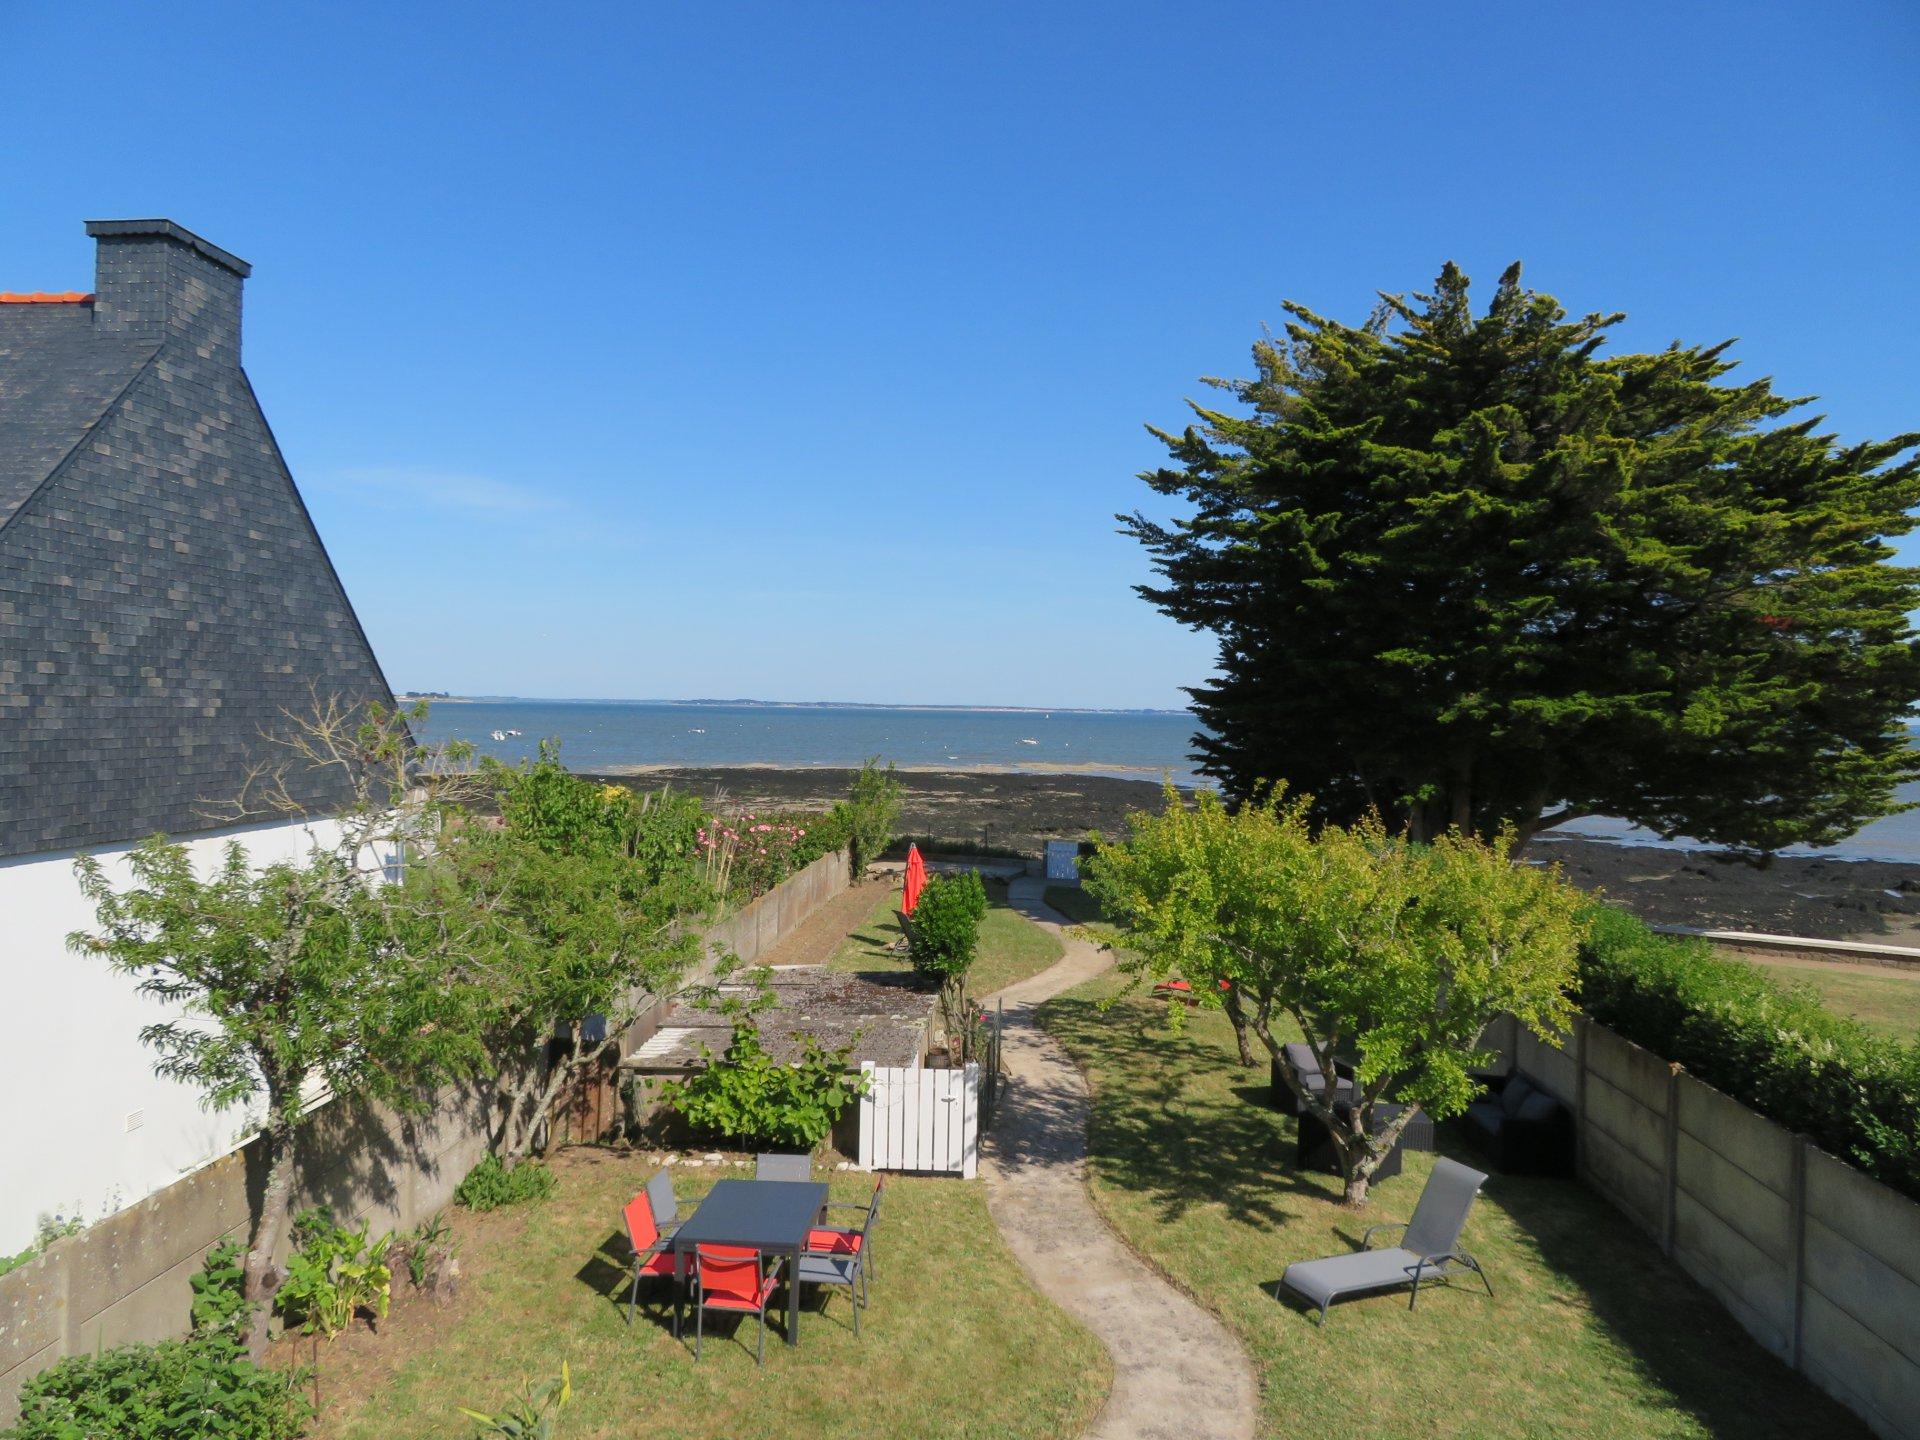 Maison à louer à Damgan Maison avec accès direct mer Damgan